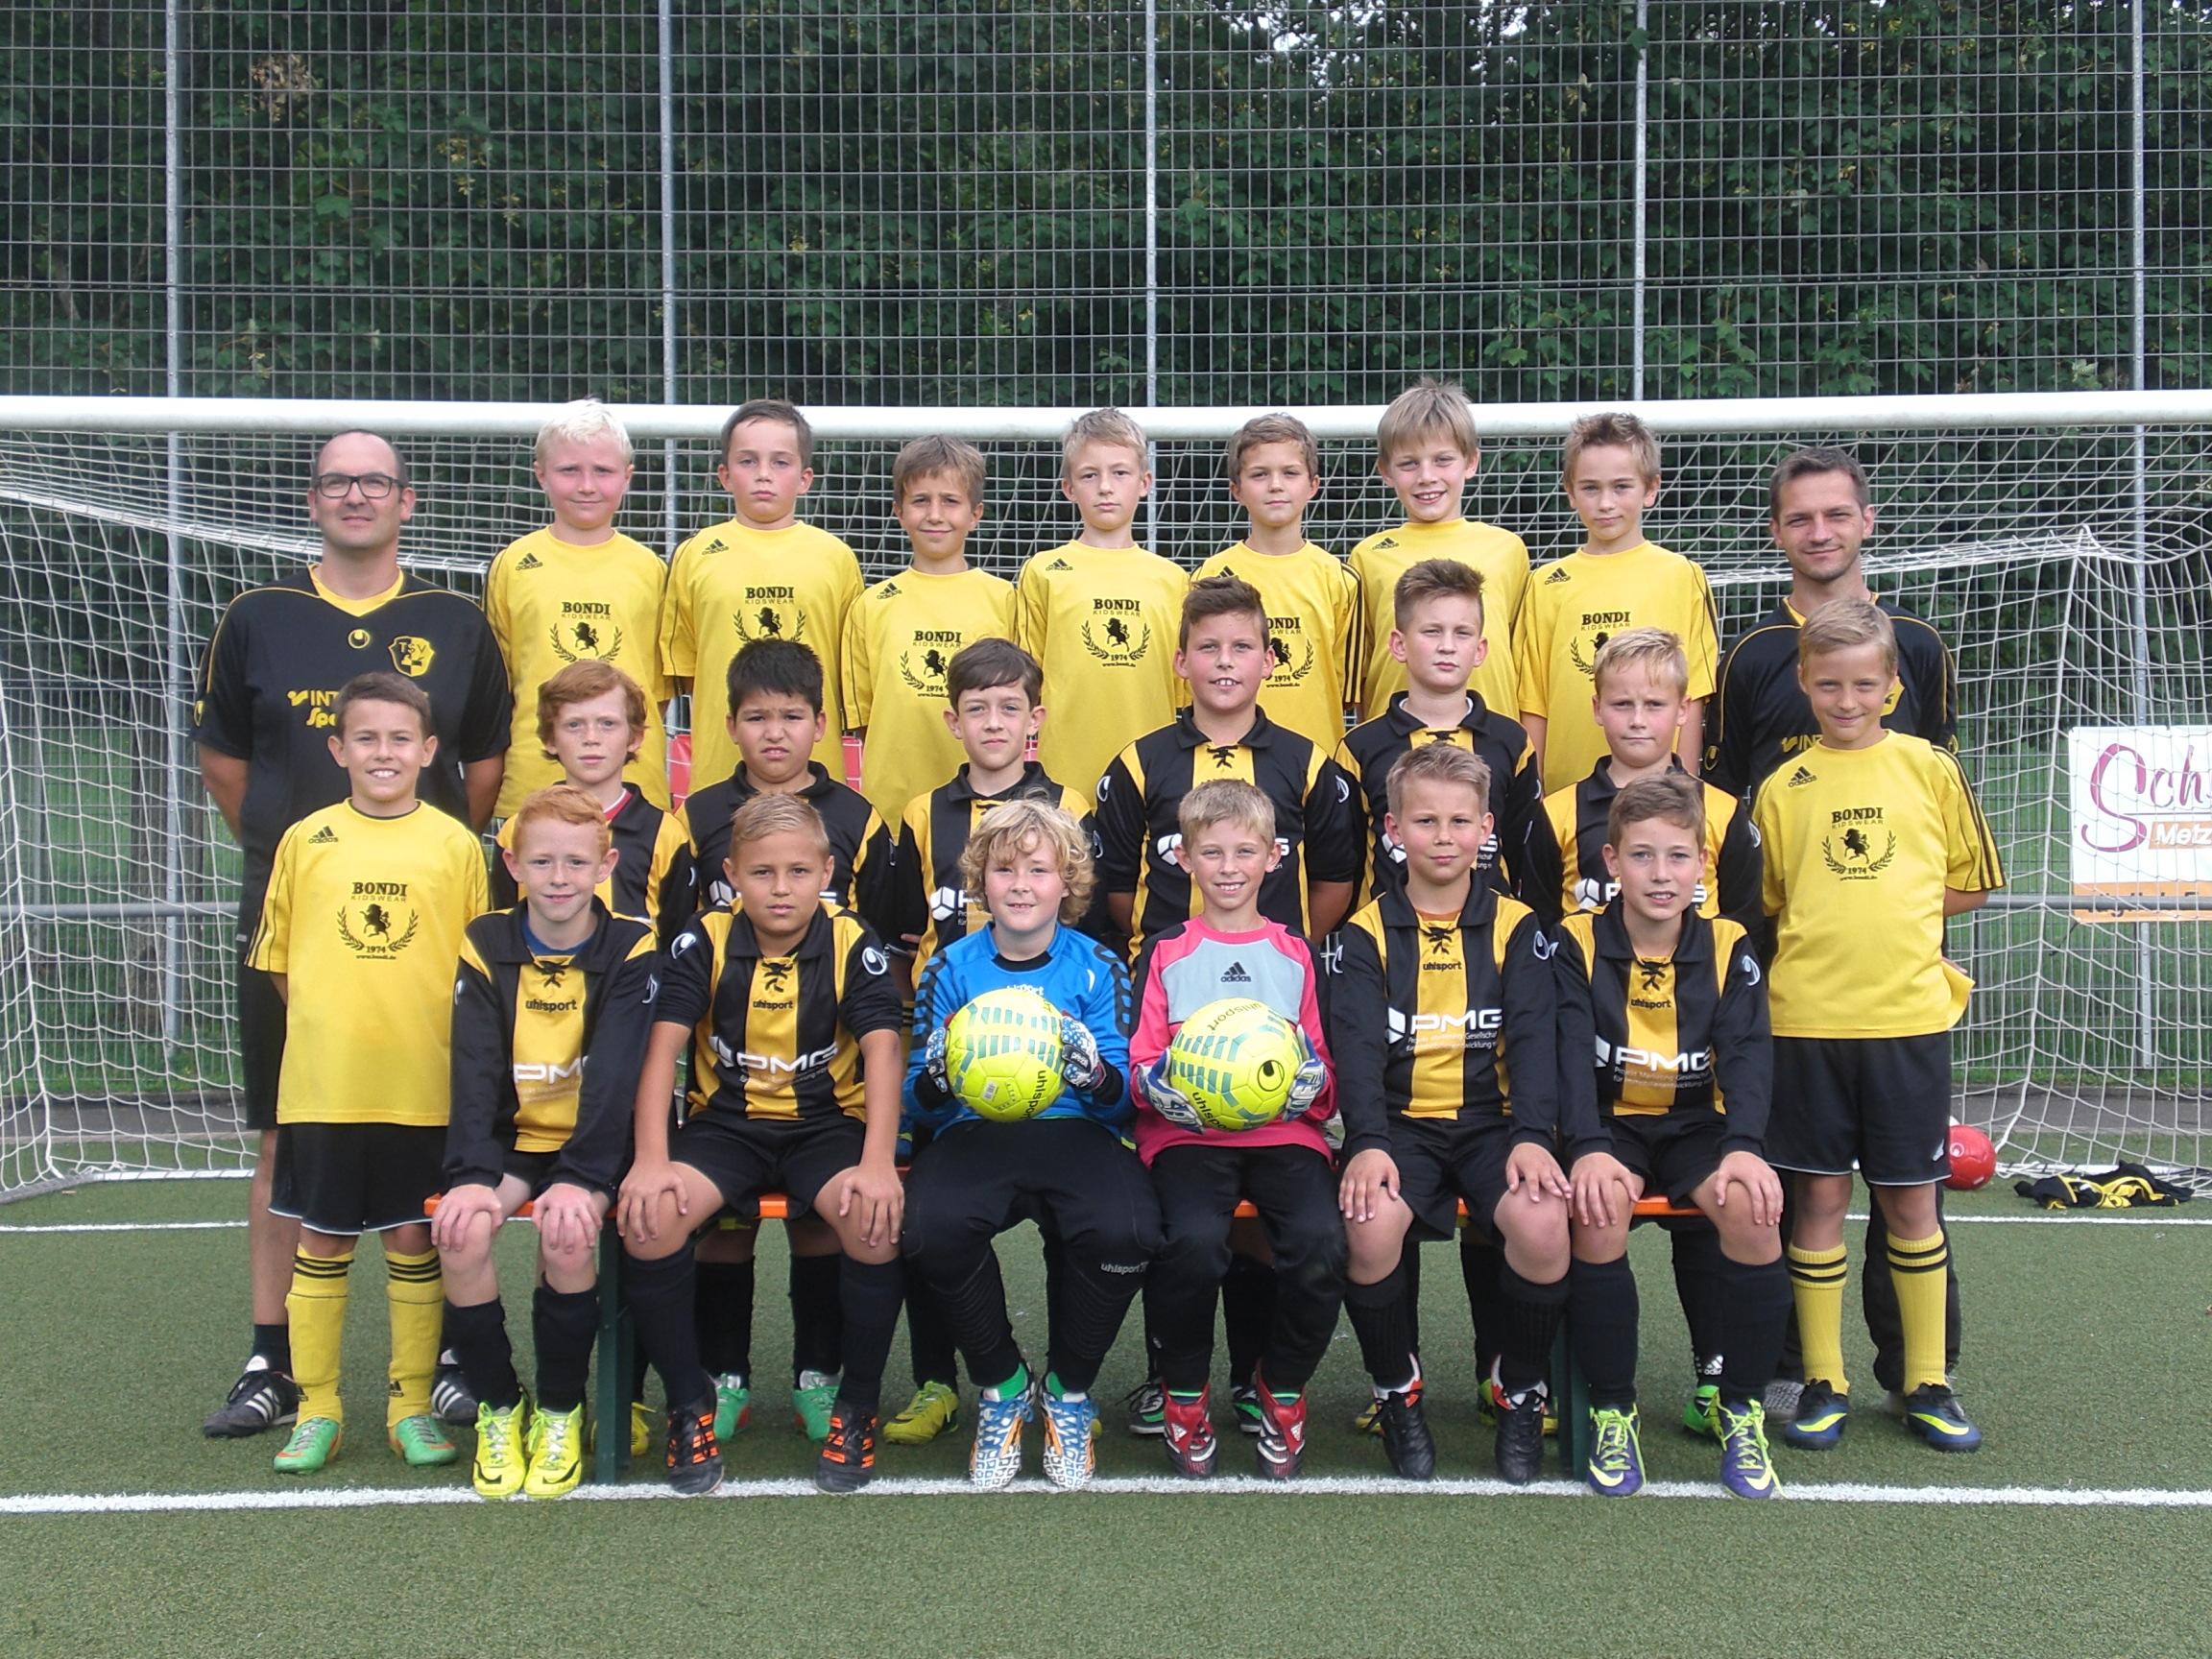 TSV Frommern E-Junioren 2014 2015